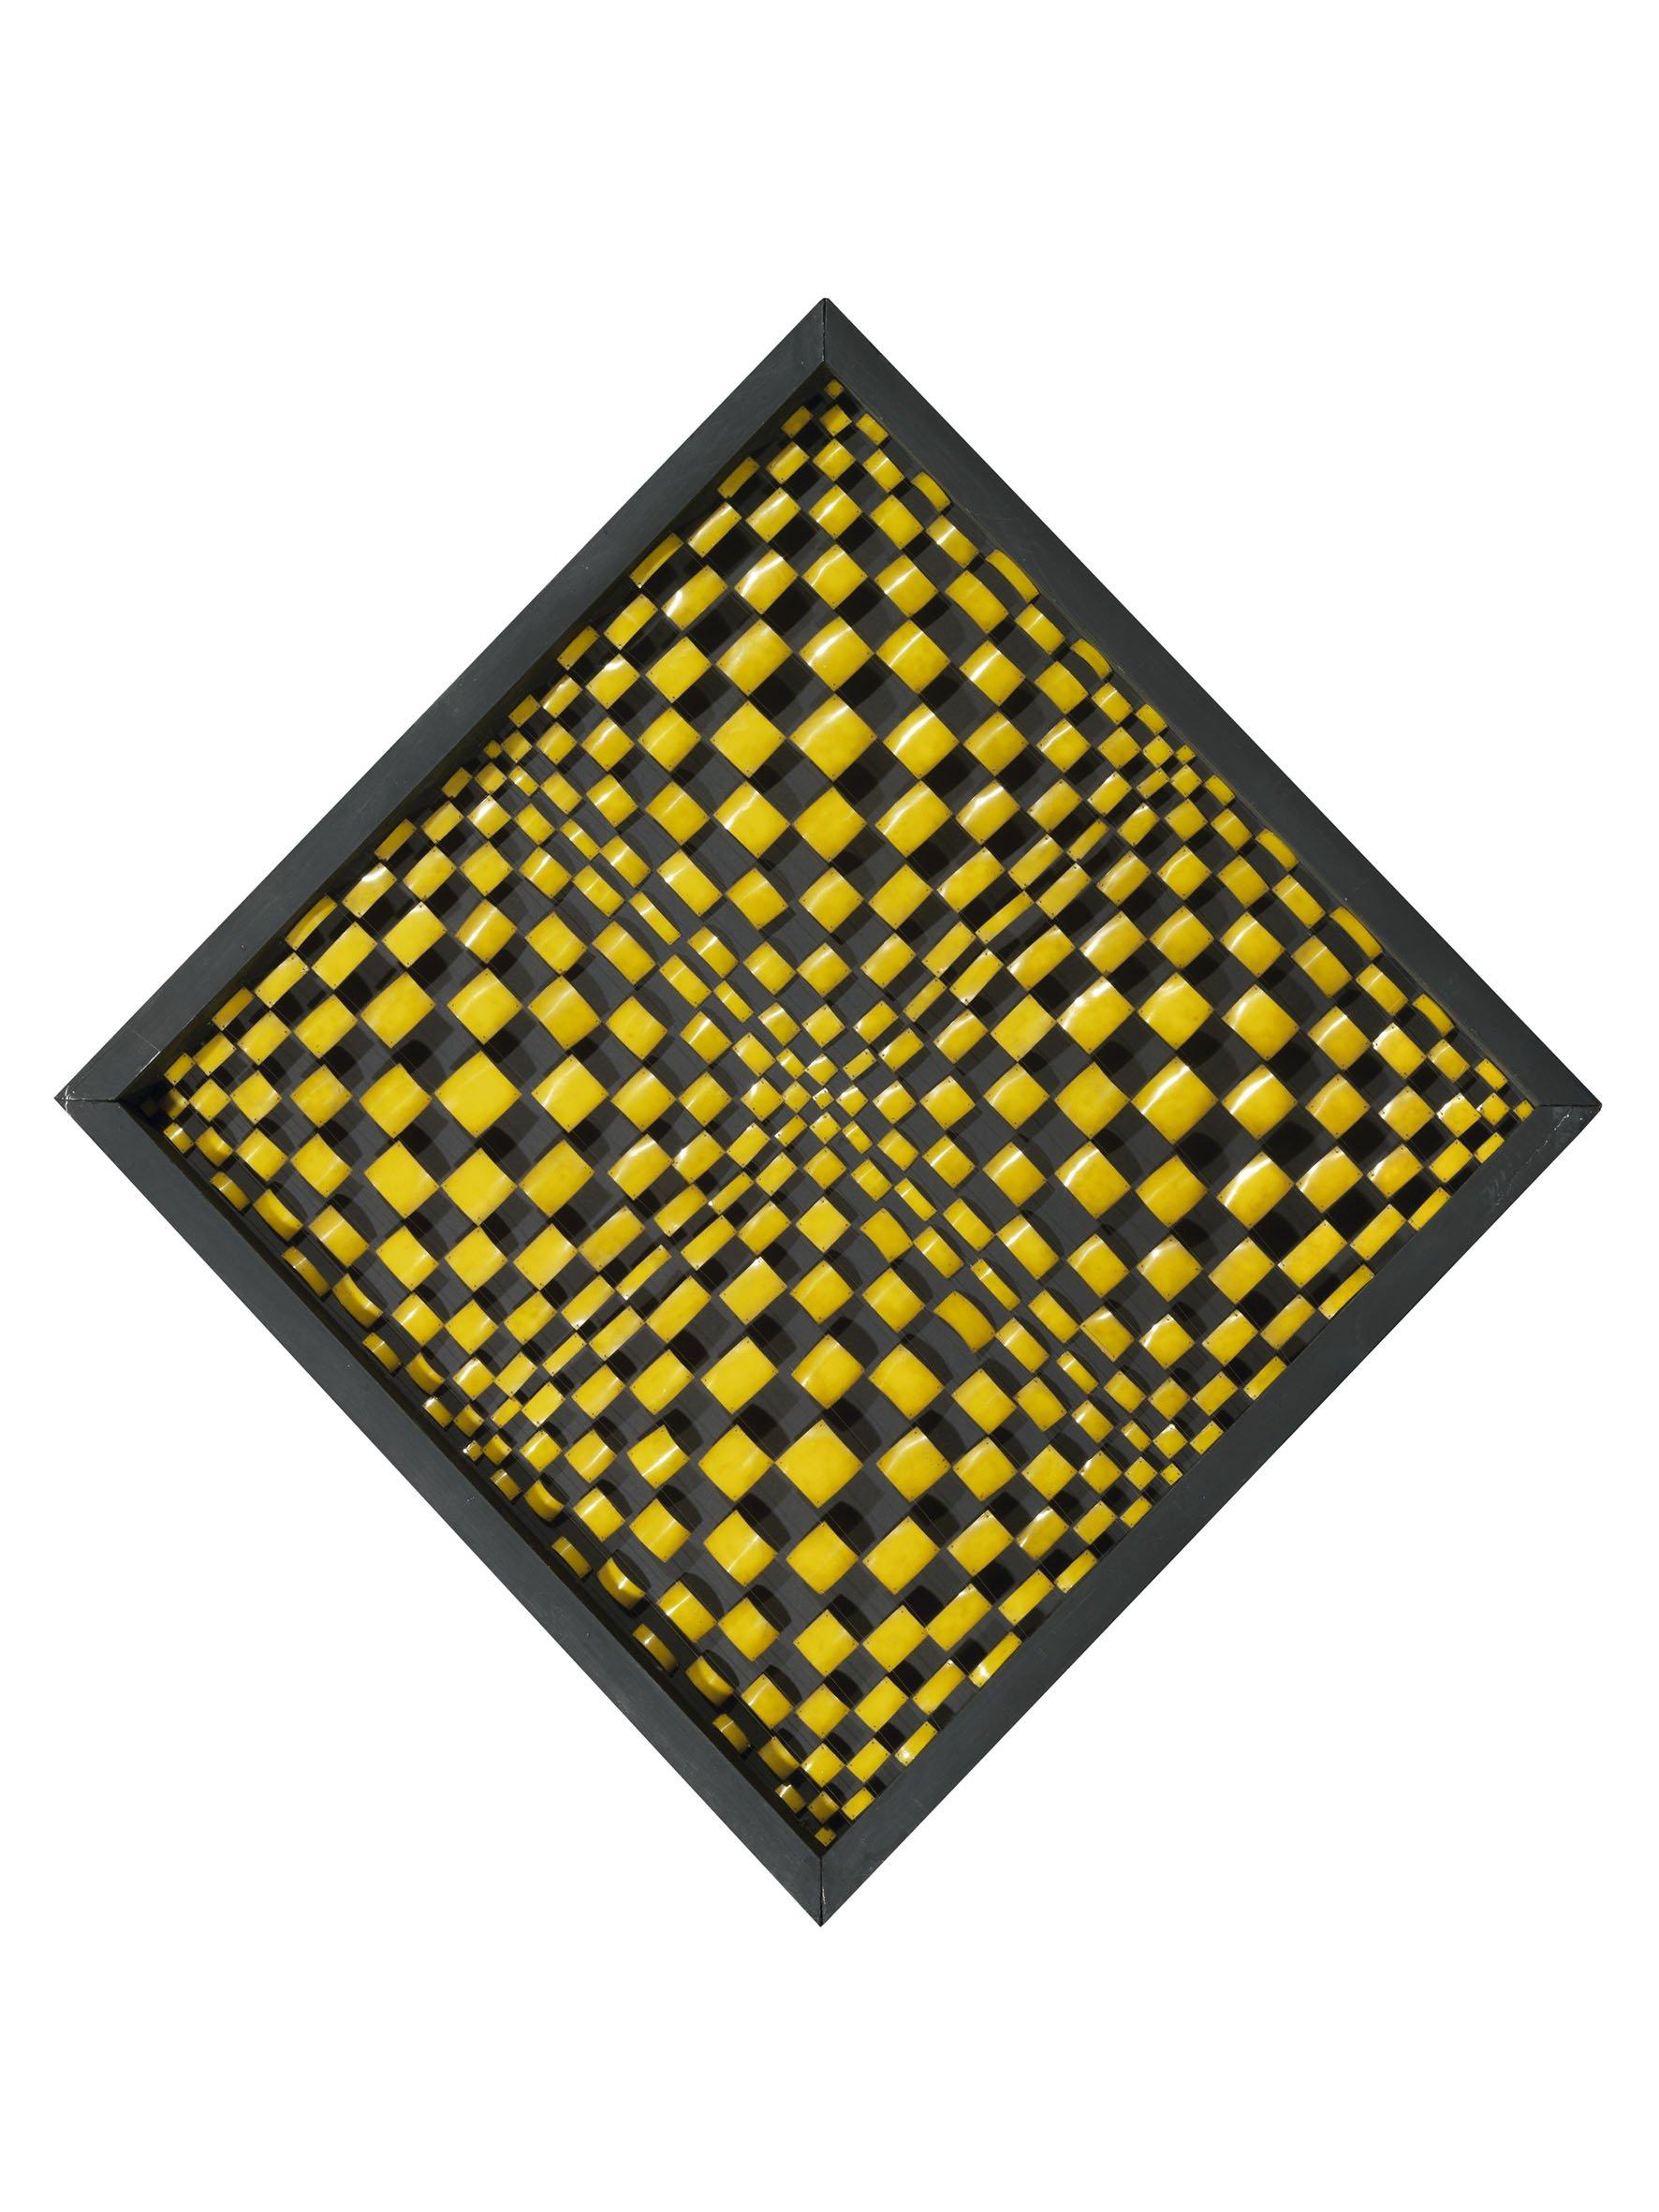 Dadamaino, Oggetto ottico-dinamico, 1960-61, plaques d'aluminium fraisées sur fils de nylon sur structure en bois, 96x96 cm